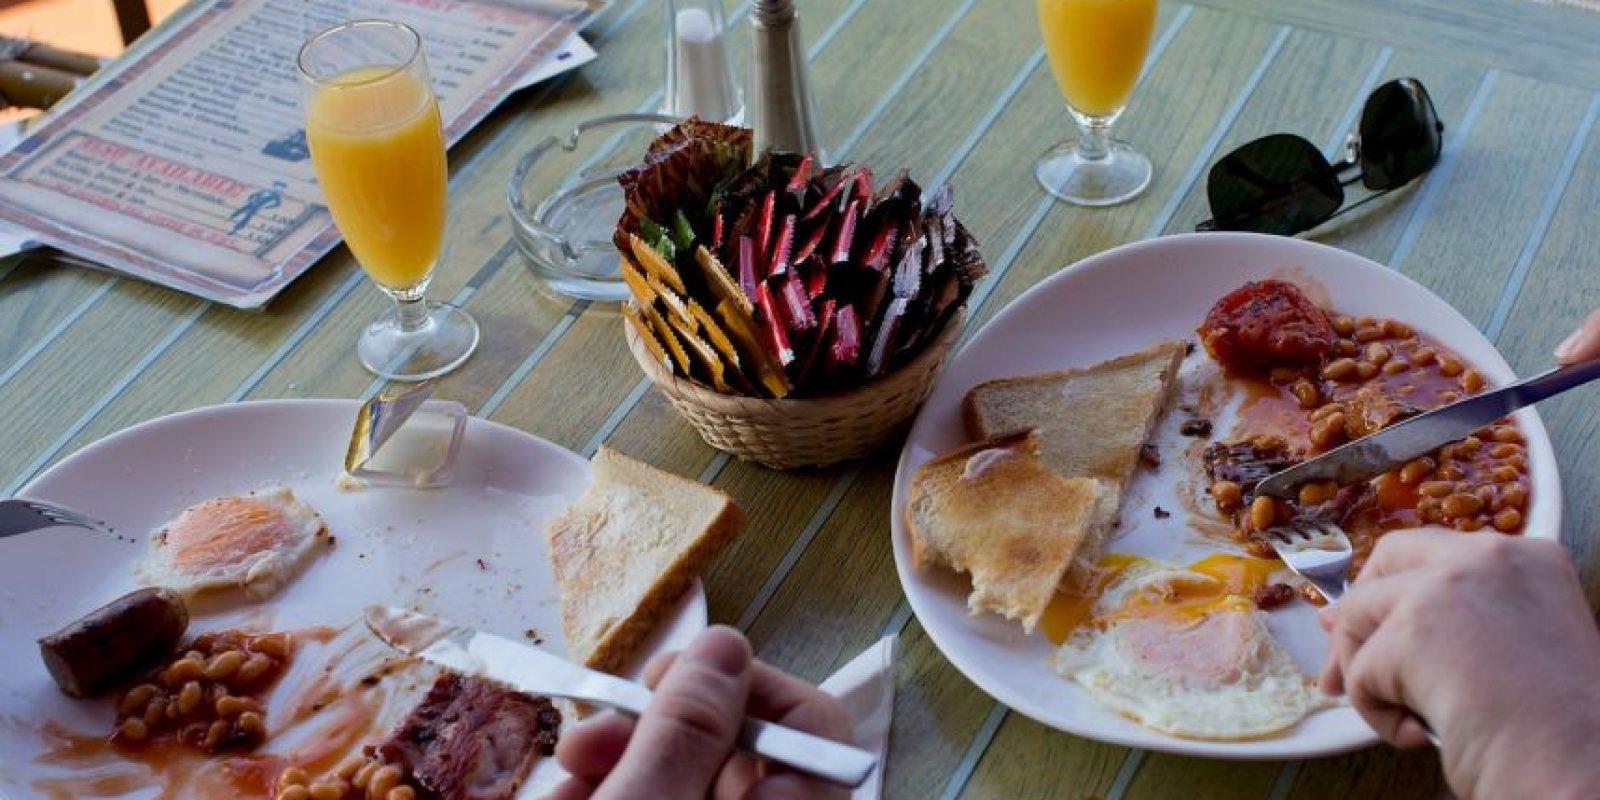 Siempre y cuando estas comidas sean pequeñas y saludables -balanceadas-. Foto:Getty Images